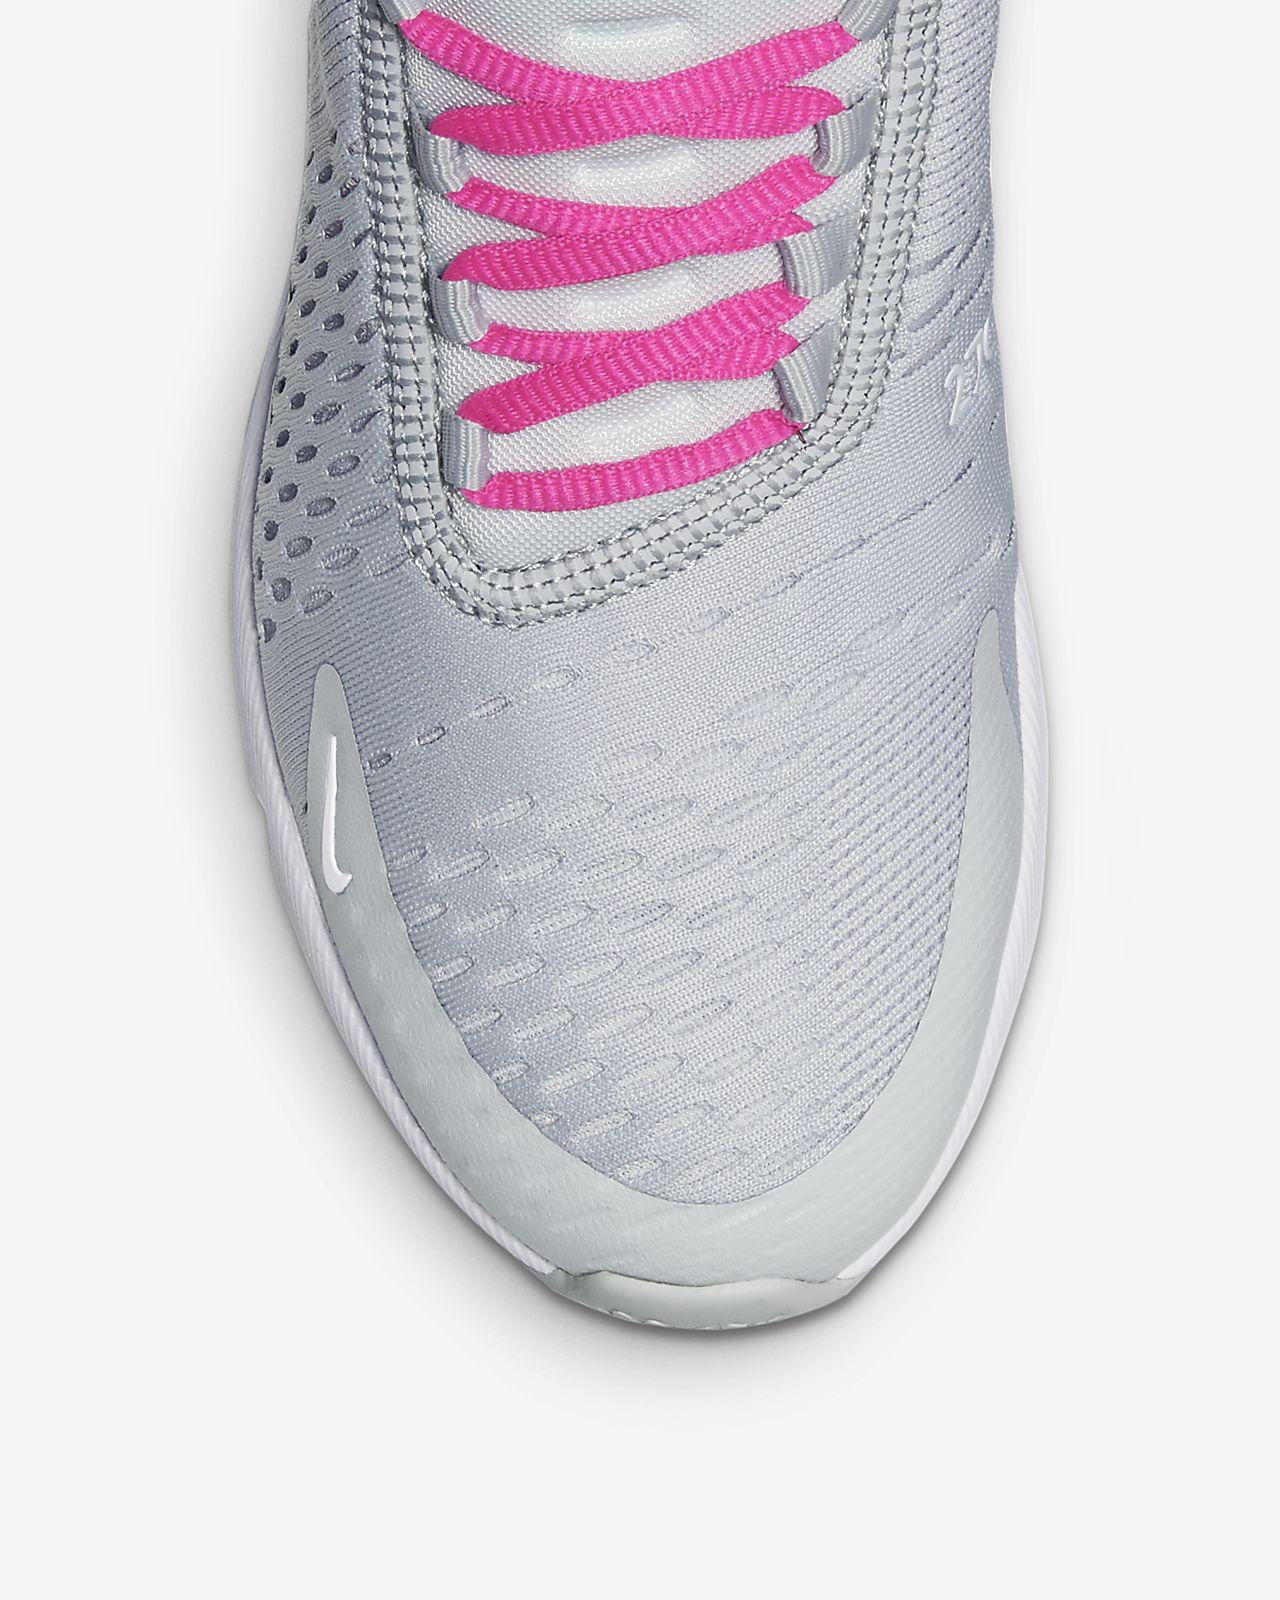 Nike Women's Air Max 270 Light CreamMetallic GoldTerra BlushDusty Peach Mesh Casual Shoes 8 M US